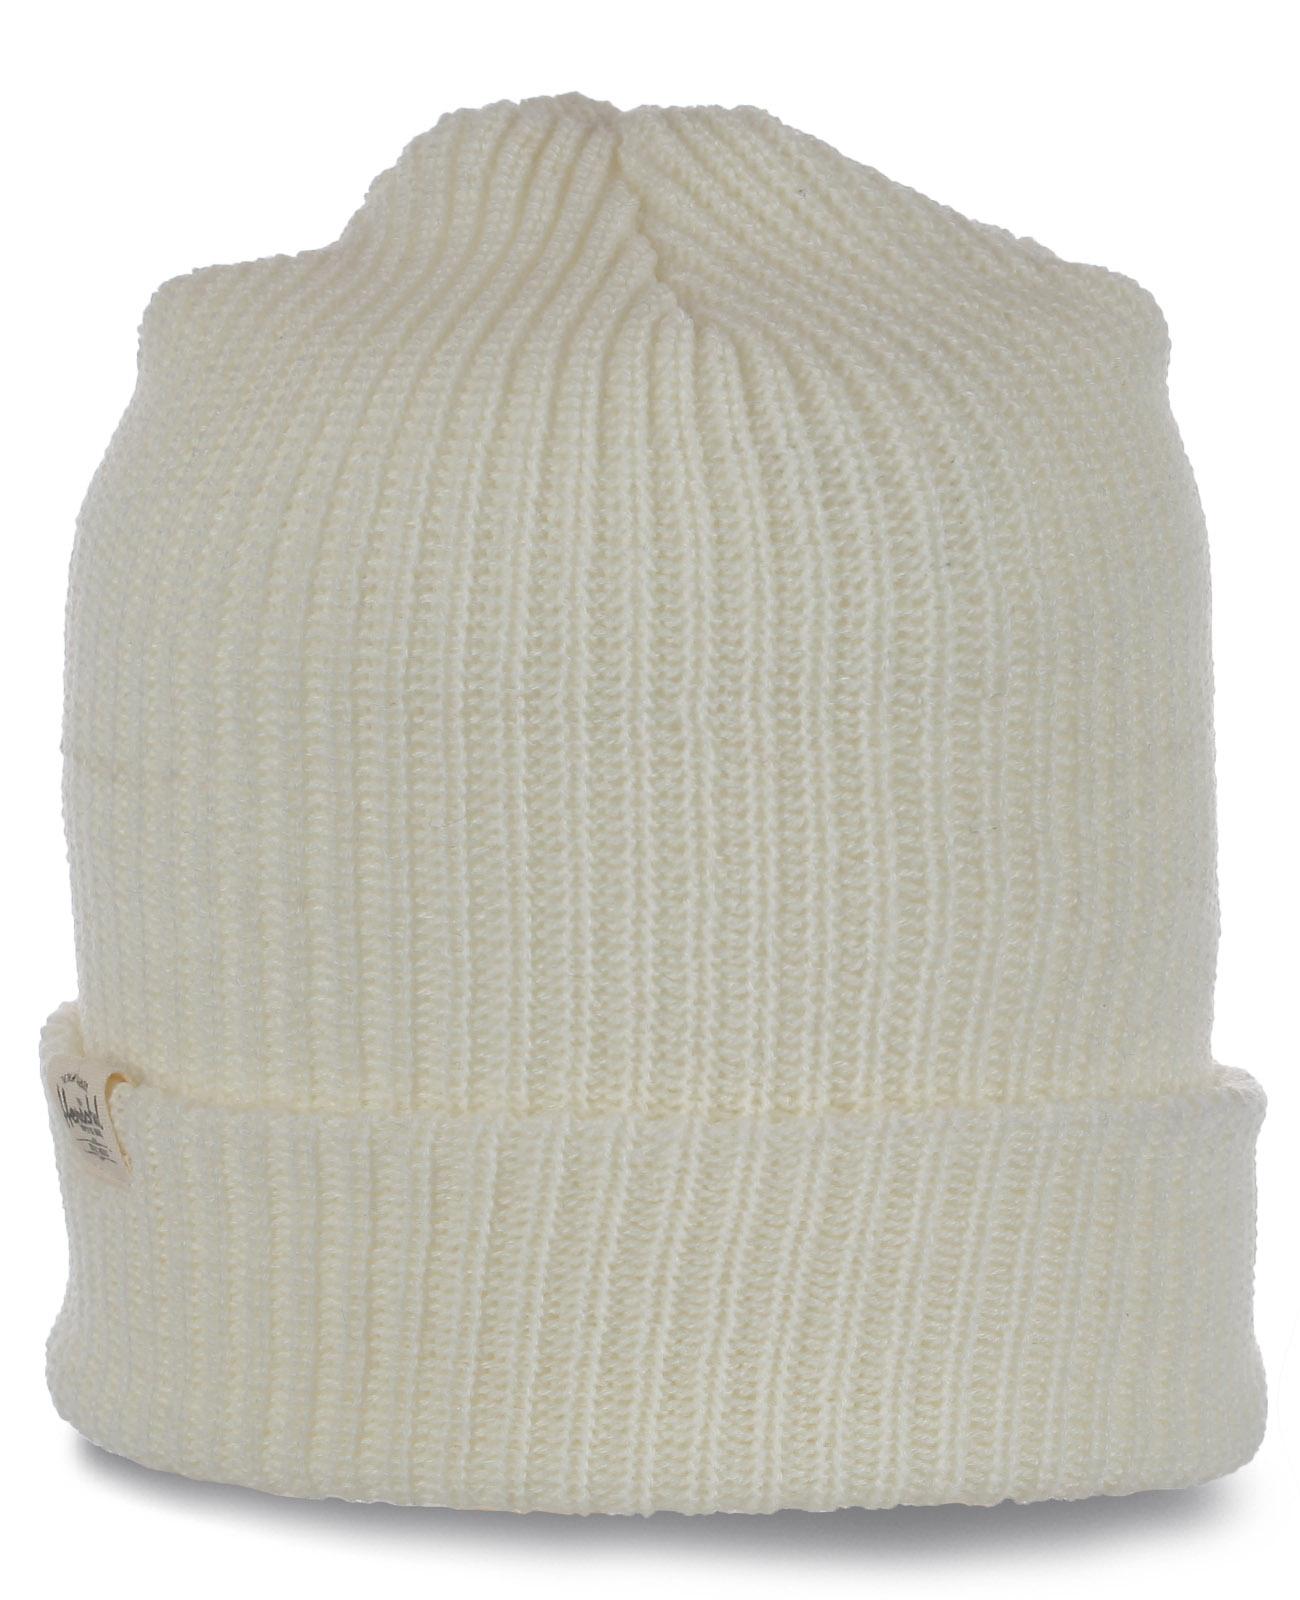 Брендовая белоснежная привлекательная женская шапка первоклассного качества от Herschel